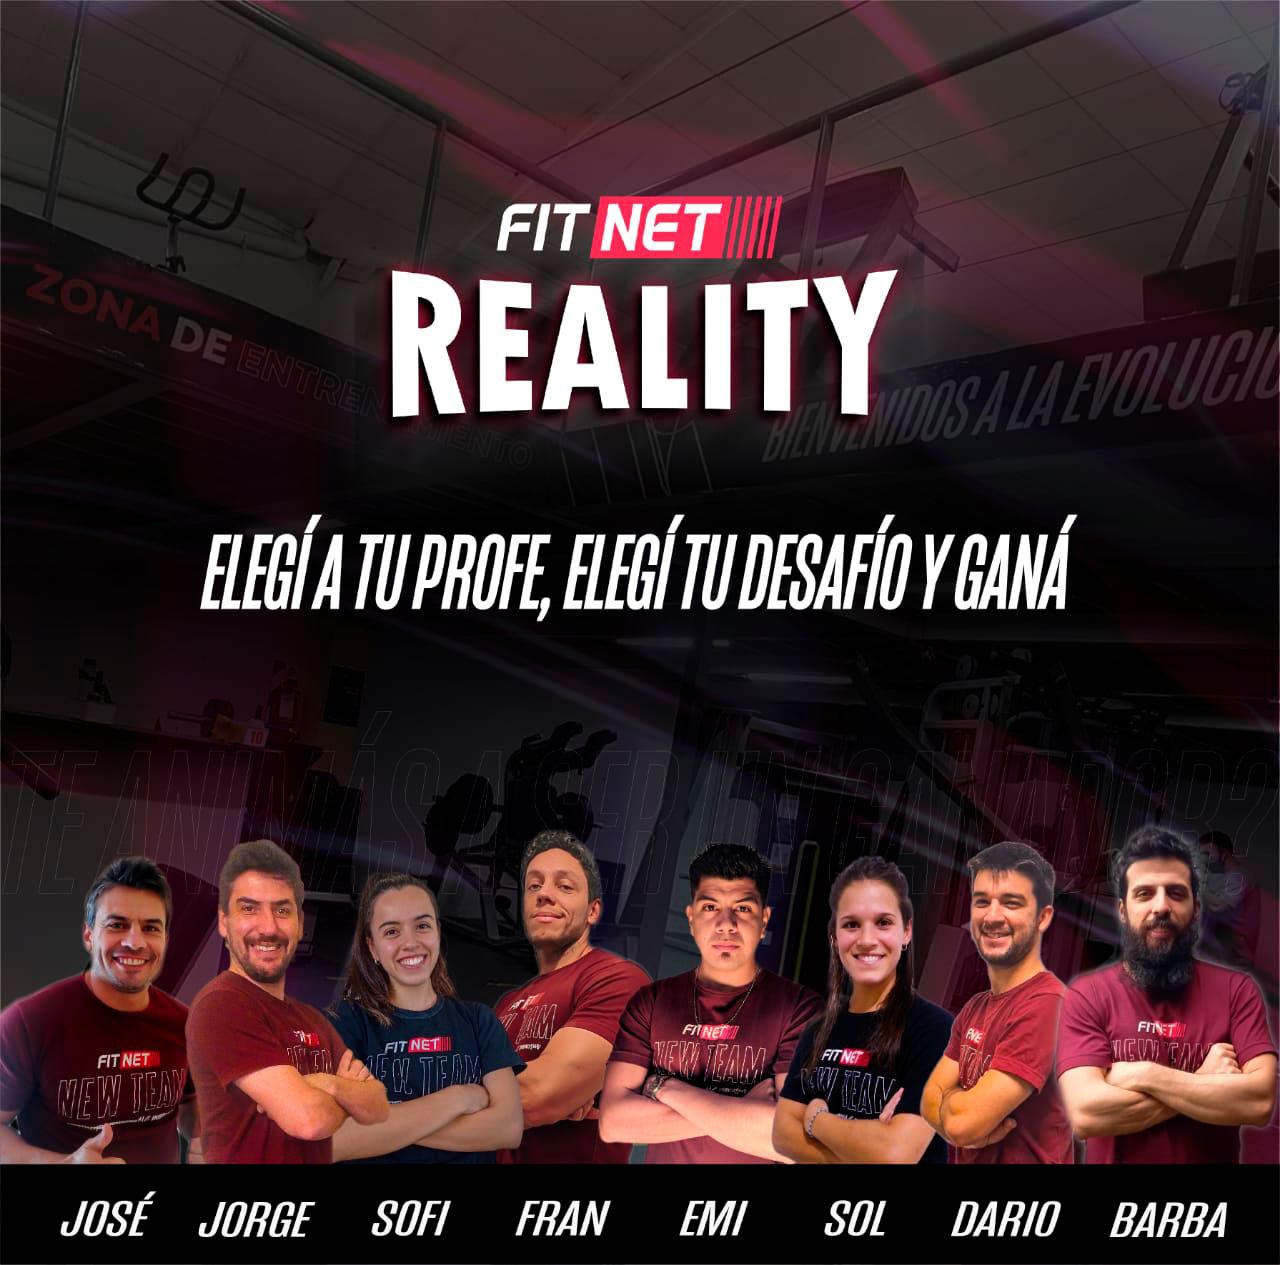 Los gimnasios FitNet, de Córdoba, lanzan un nuevo servicio virtual